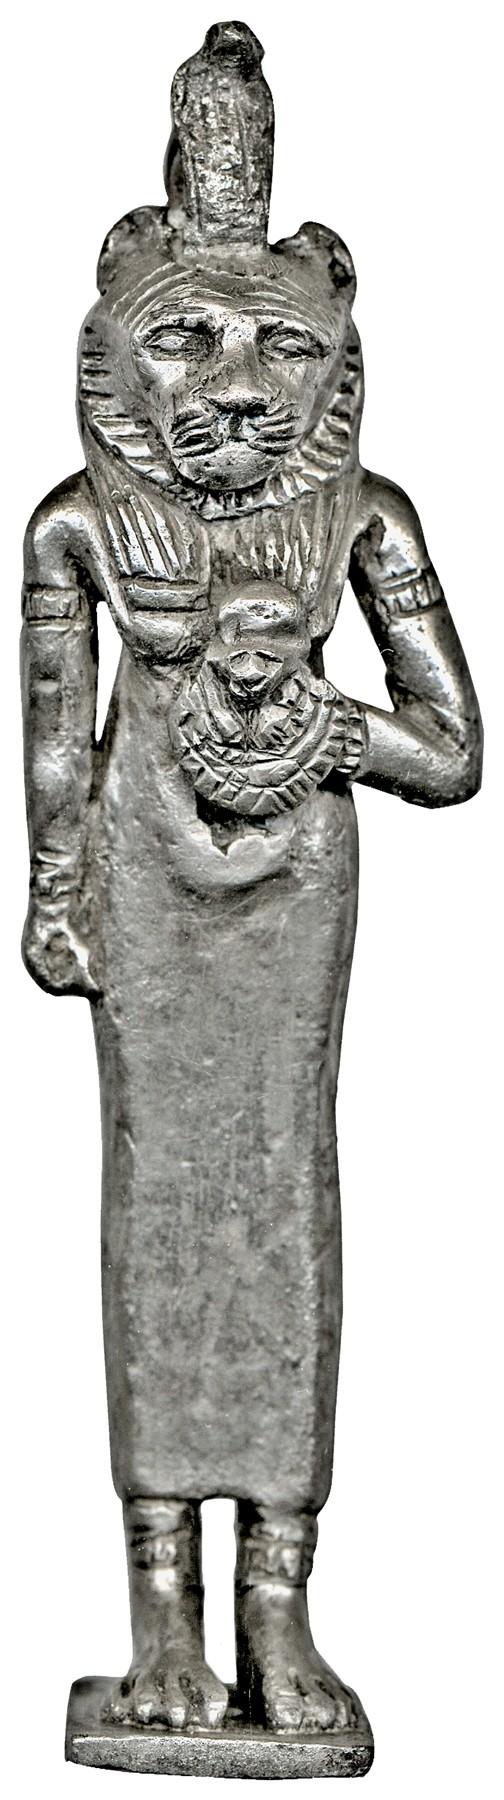 Lion-Headed Goddess